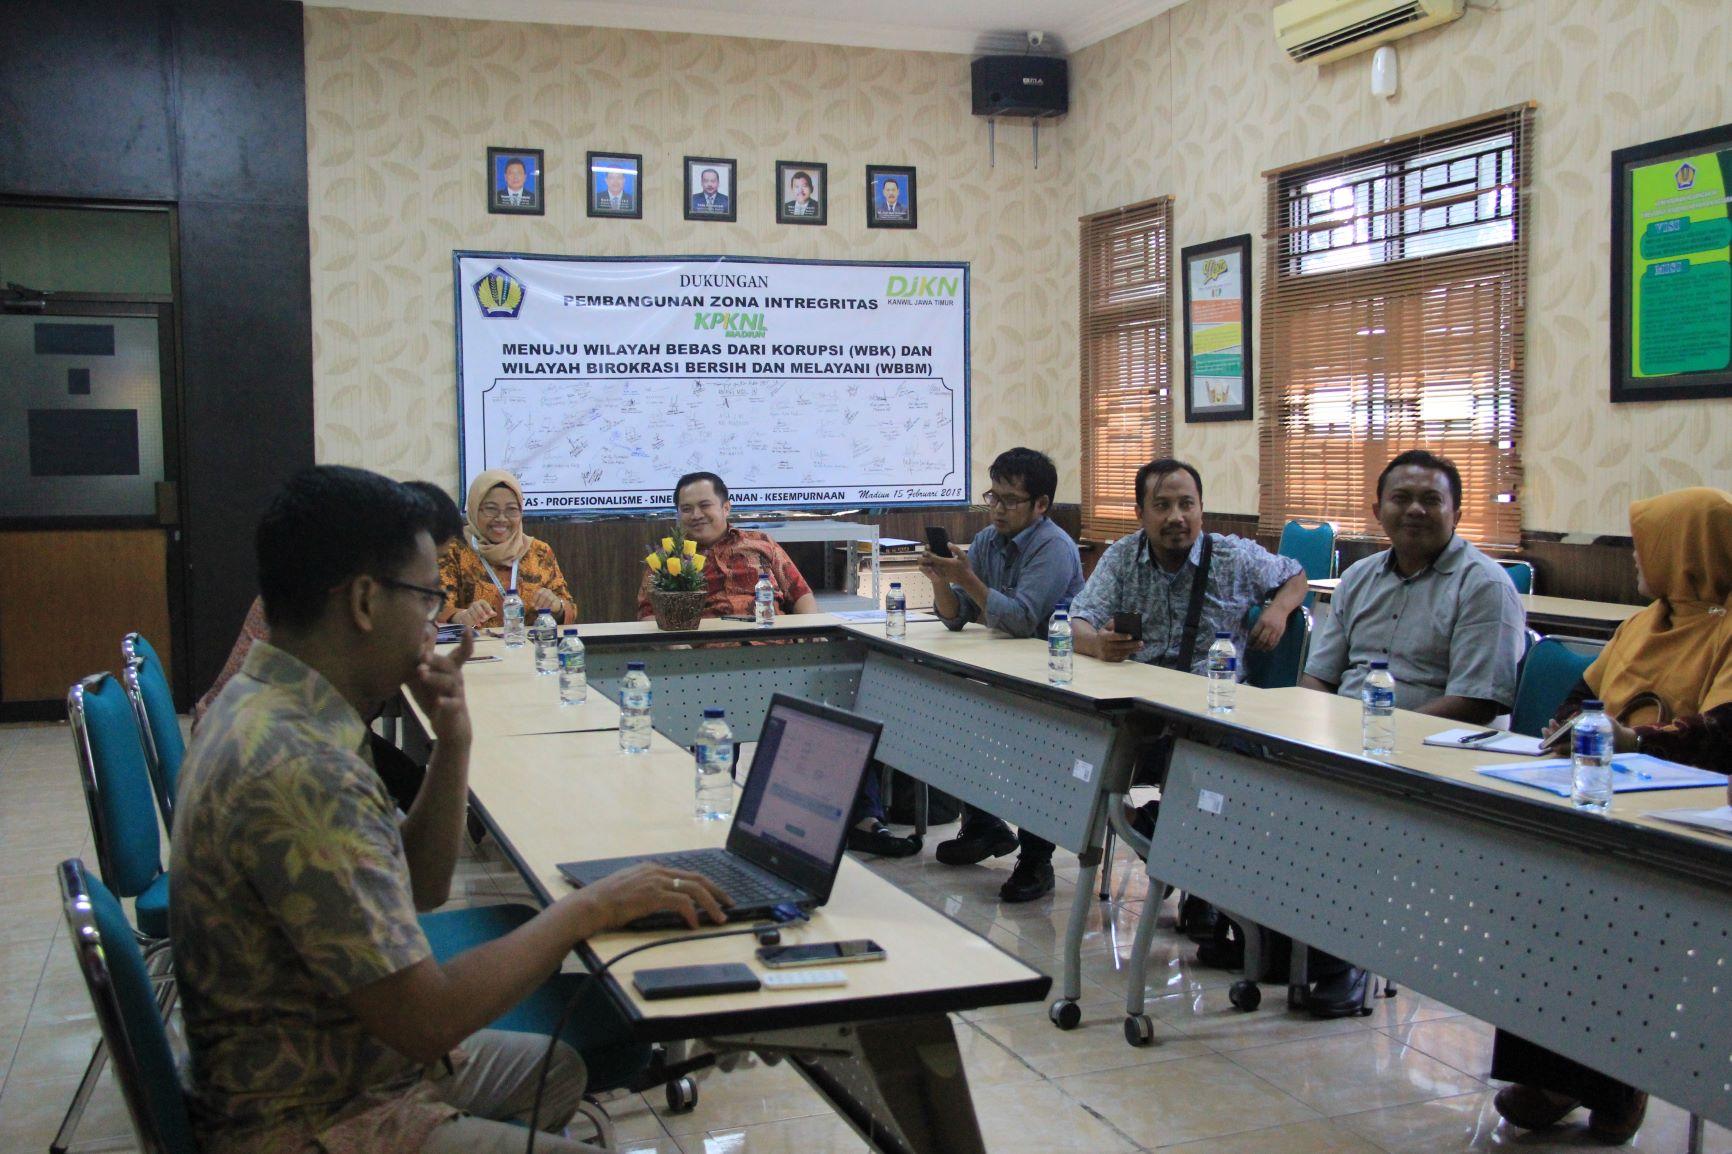 Lelang Eksekusi Harta Pailit PT SAKTI : Pemenuhan Target Lelang dan Peningkatan Sinergi Antar Unit Kementerian Keuangan